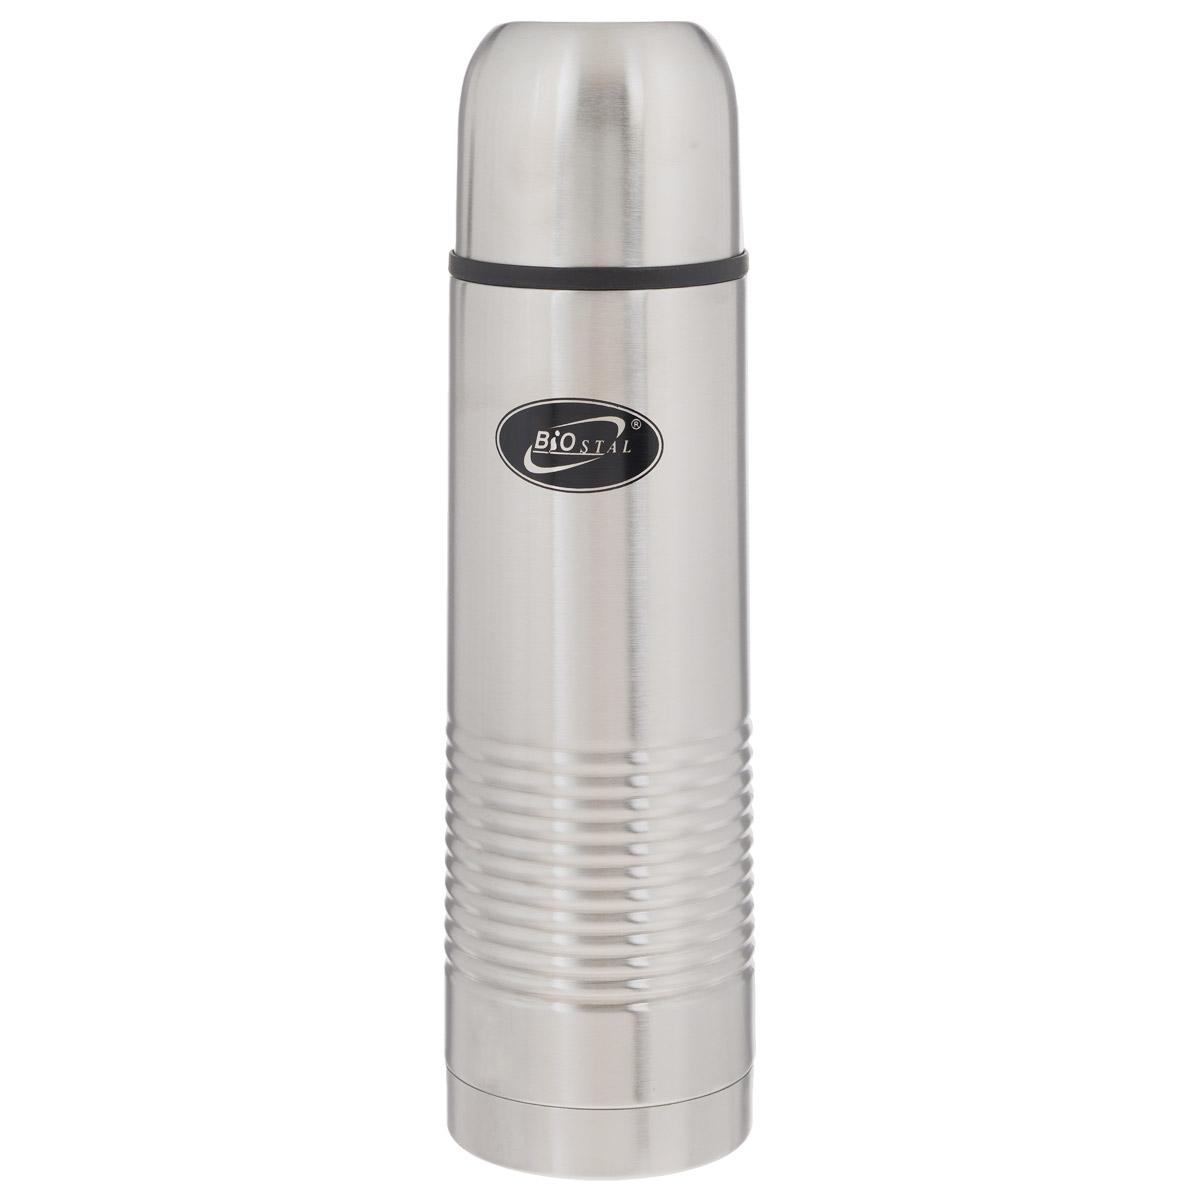 Термос BIOSTAL, в чехле, 1 л. NB-1000-B080302014Термос с узким горлом BIOSTAL, изготовленный из высококачественной нержавеющей стали, относится к классической серии. Термосы этой серии, являющейся лидером продаж, просты в использовании, экономичны и многофункциональны. Термос предназначен для хранения горячих и холодных напитков (чая, кофе) и укомплектован пробкой с кнопкой. Такая пробка удобна в использовании и позволяет, не отвинчивая ее, наливать напитки после простого нажатия. Изделие также оснащено крышкой-чашкой и текстильным чехлом для хранения и переноски термоса. Легкий и прочный термос BIOSTAL сохранит ваши напитки горячими или холодными надолго.